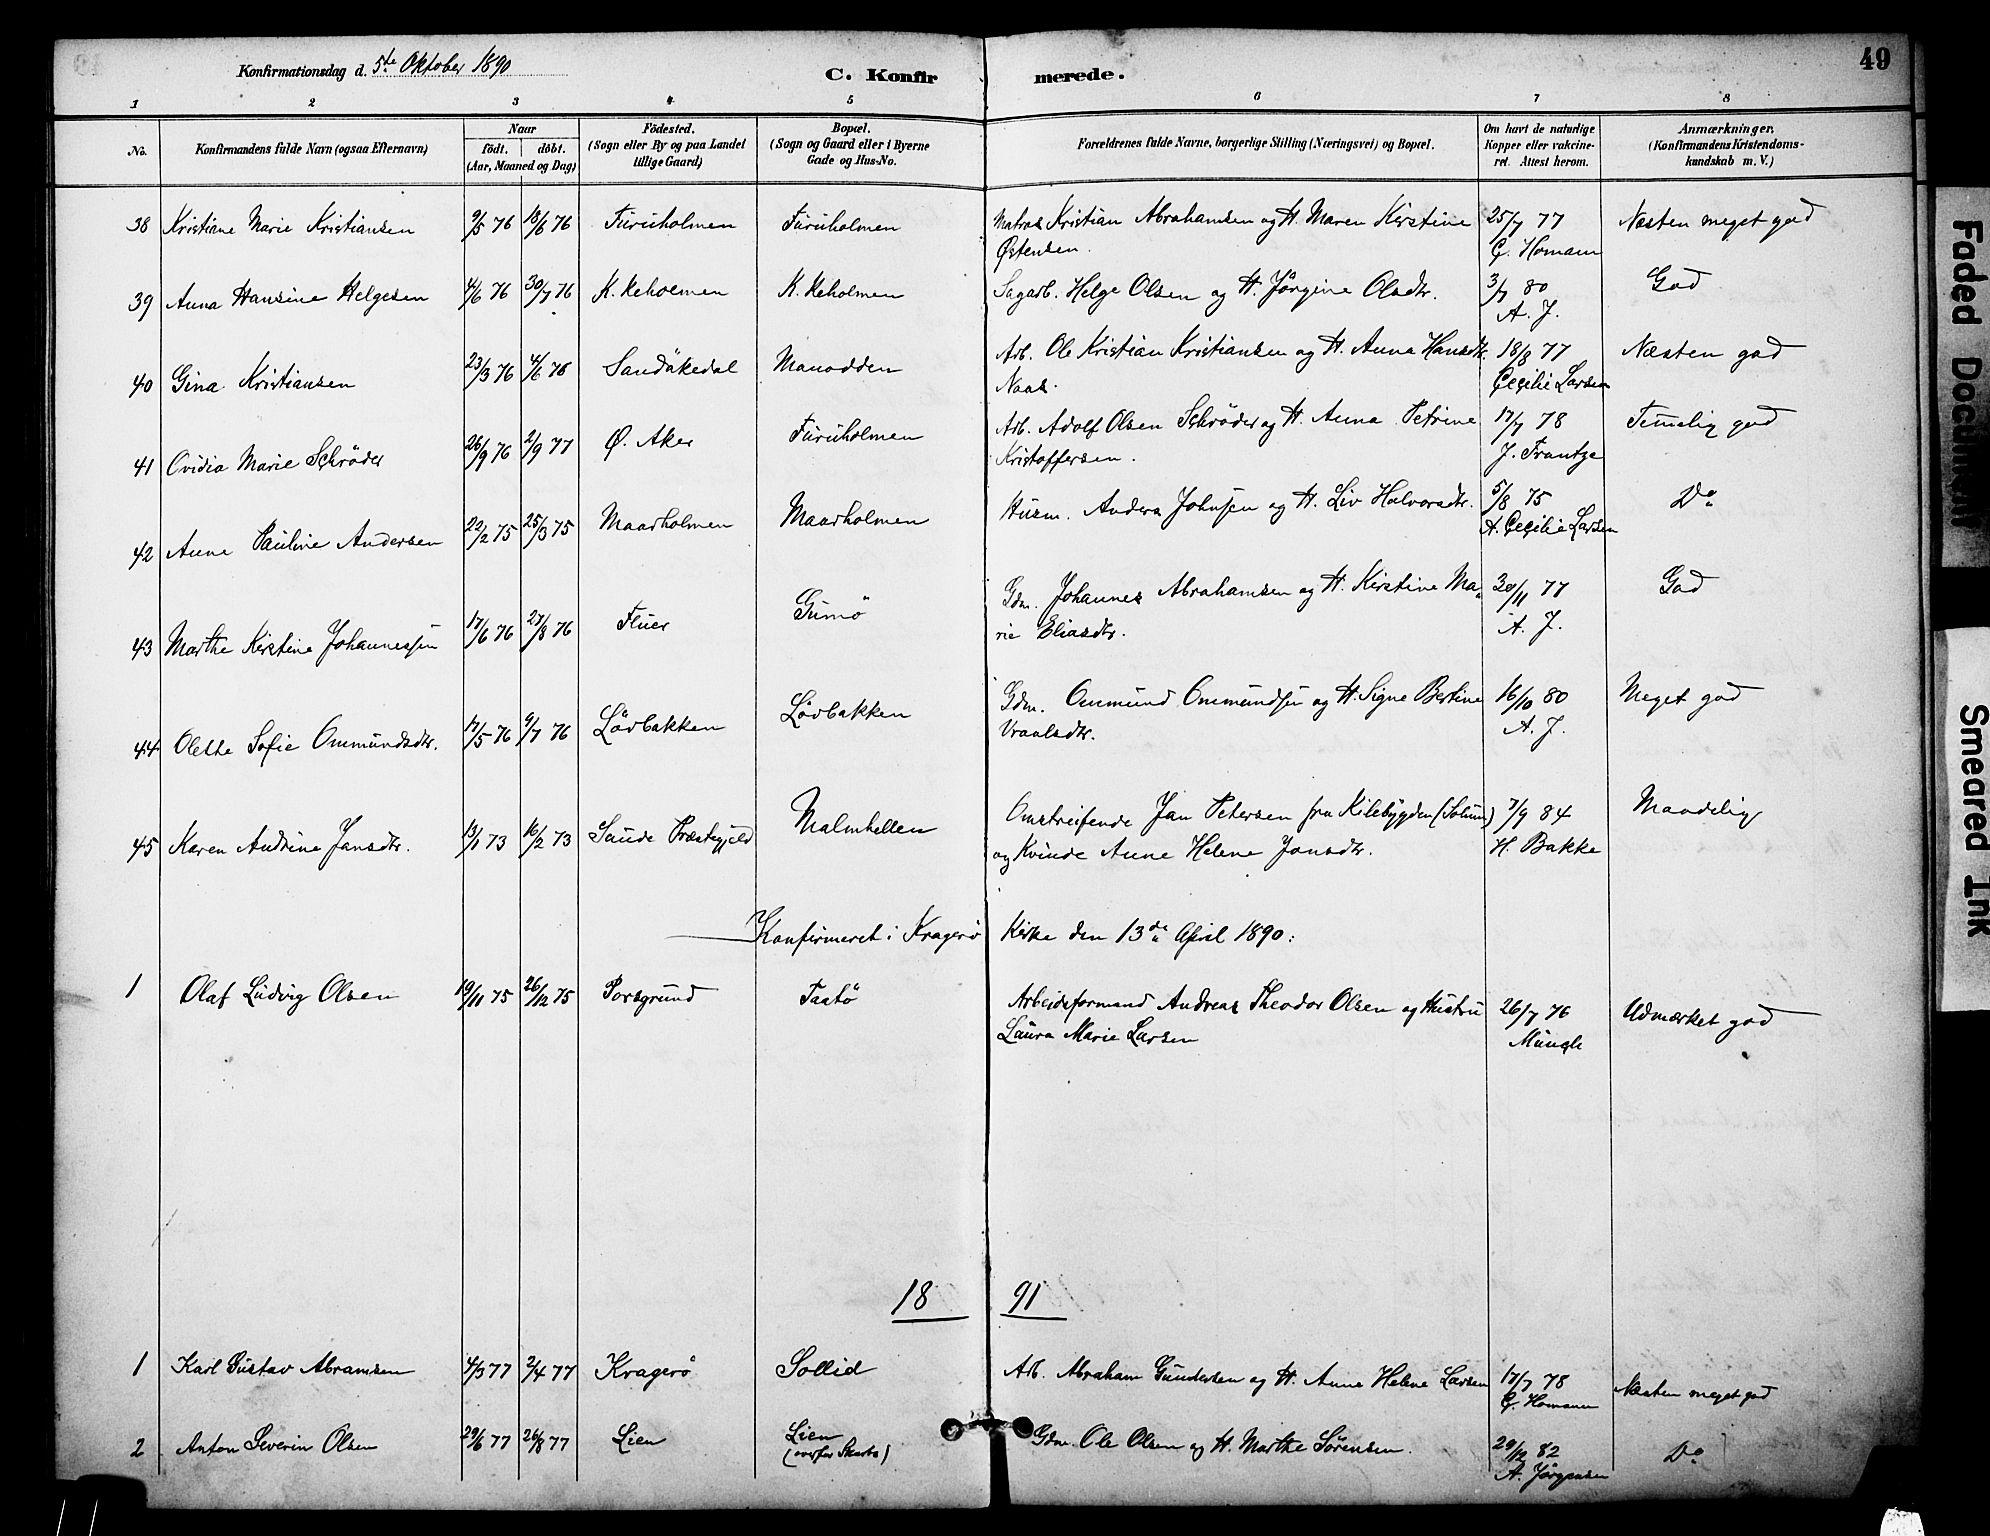 SAKO, Skåtøy kirkebøker, F/Fa/L0003: Ministerialbok nr. I 3, 1884-1899, s. 49